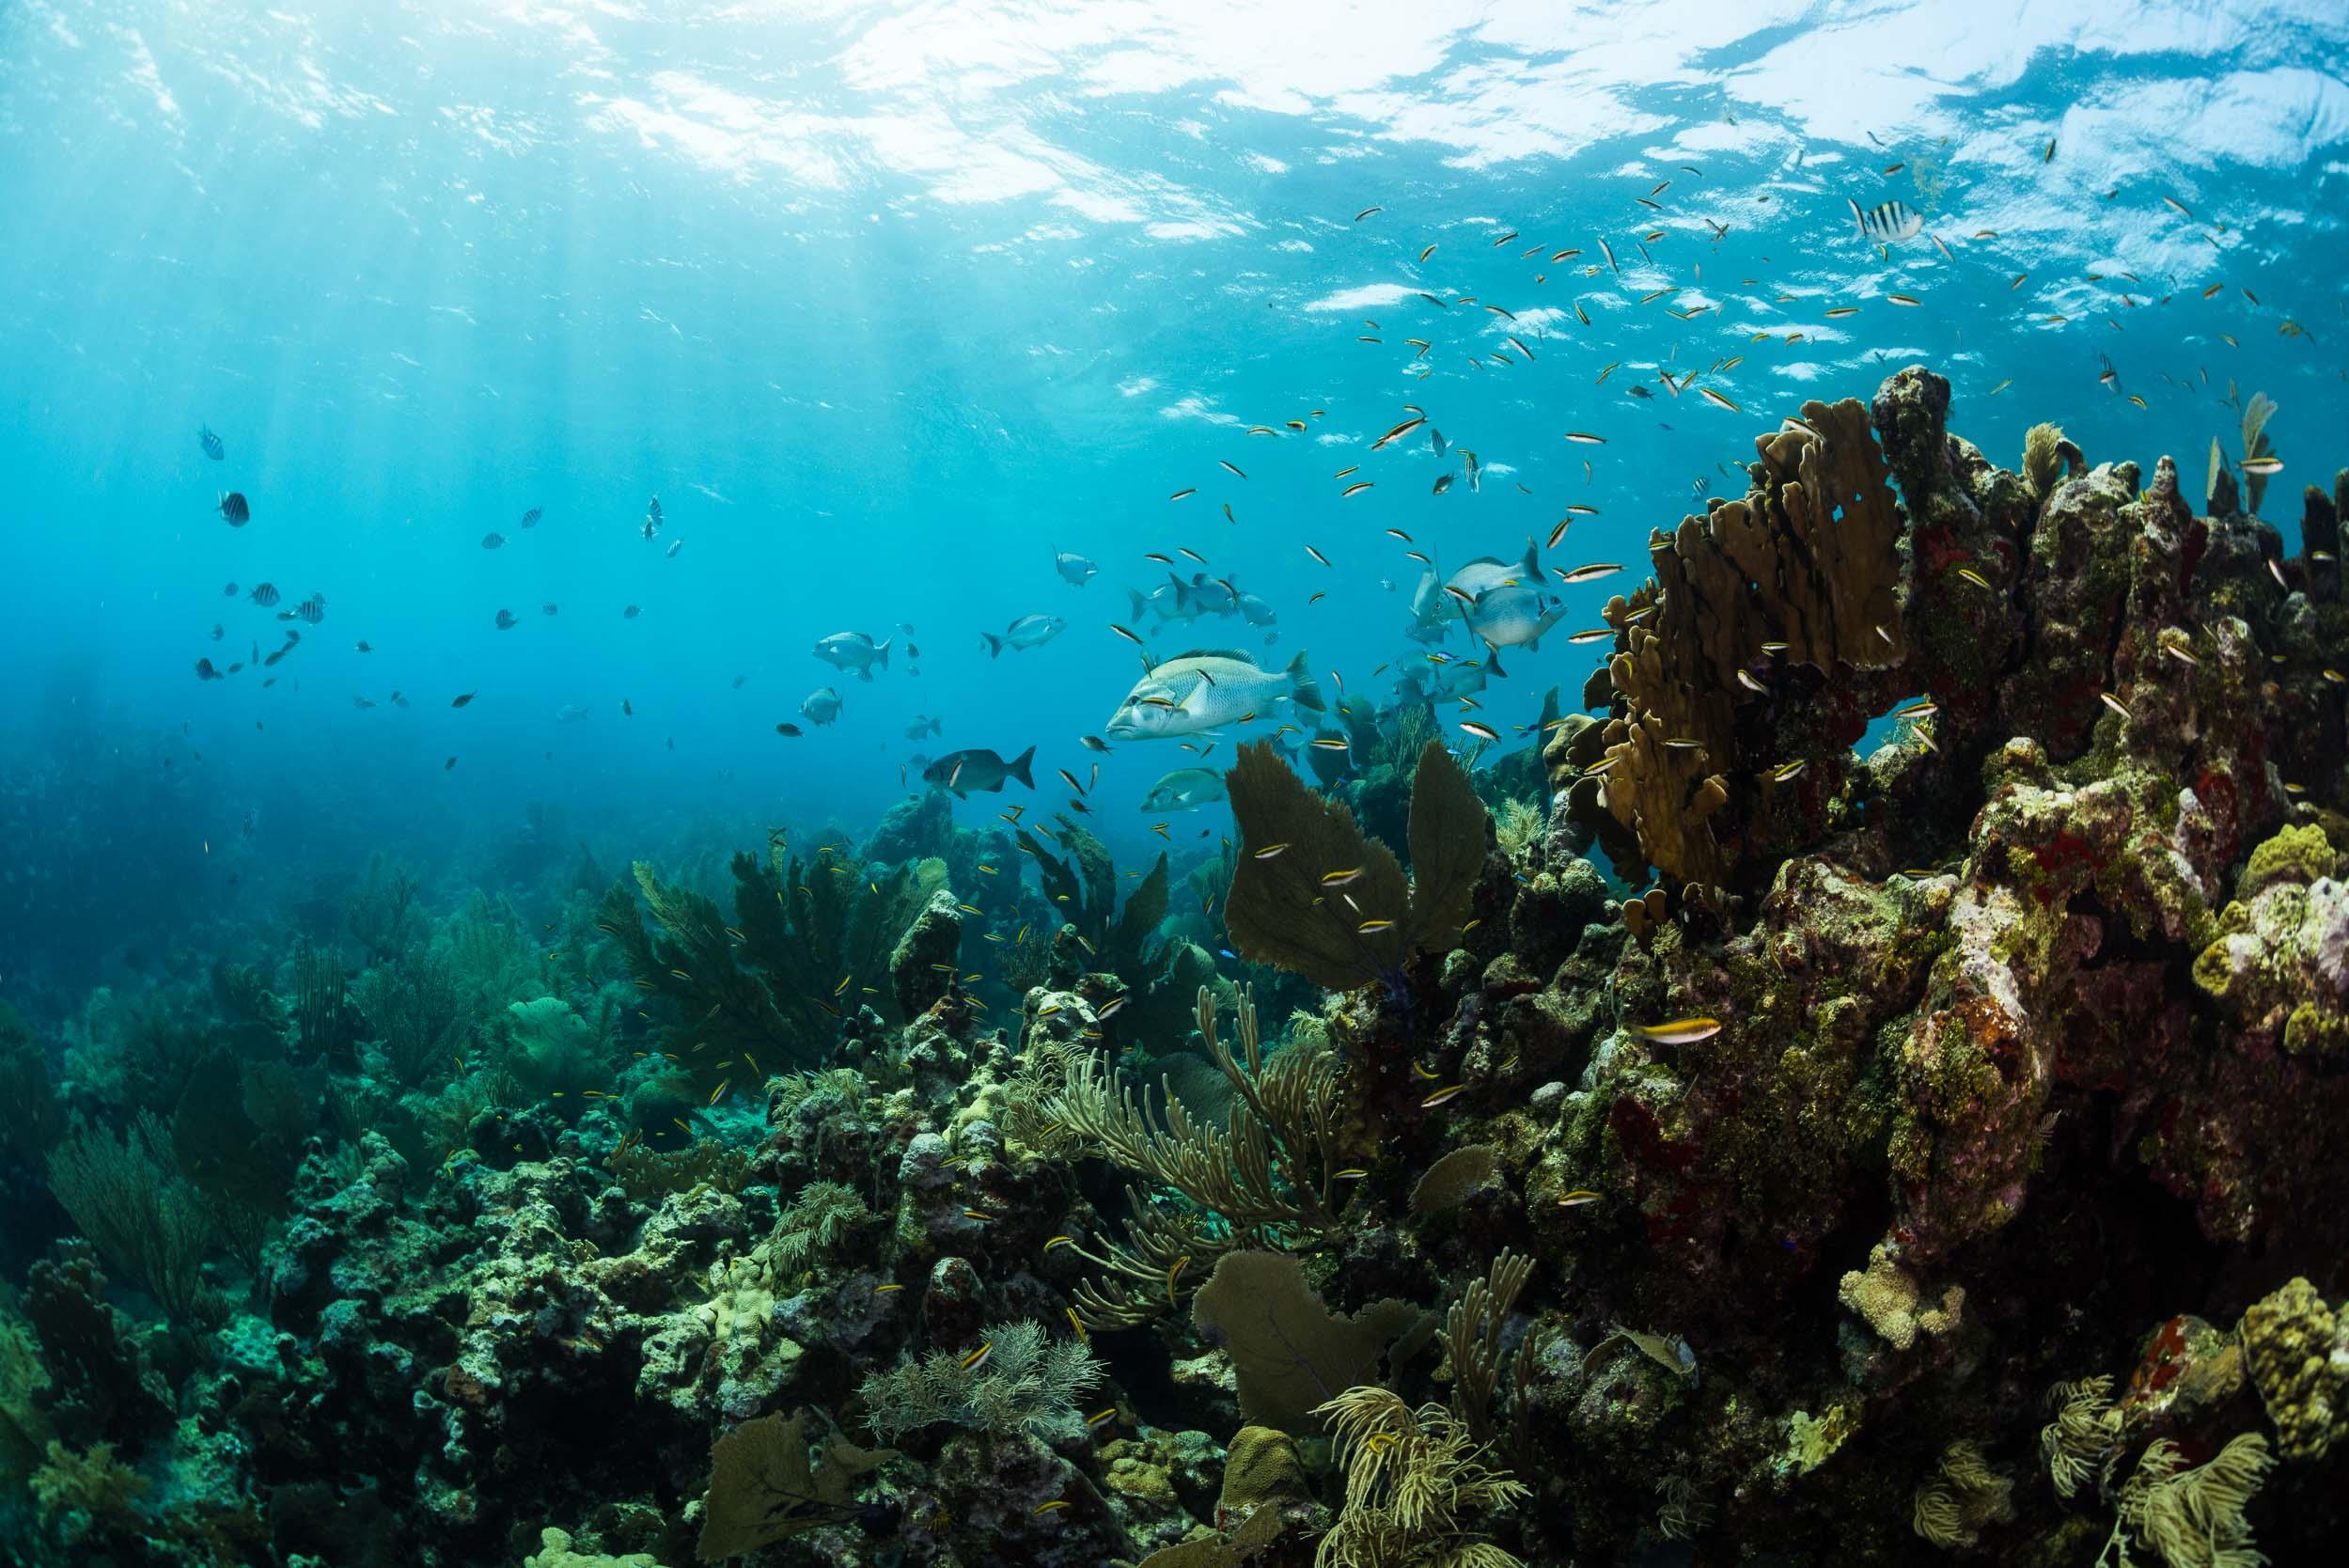 coral-reef-utila-honduras-3.jpg